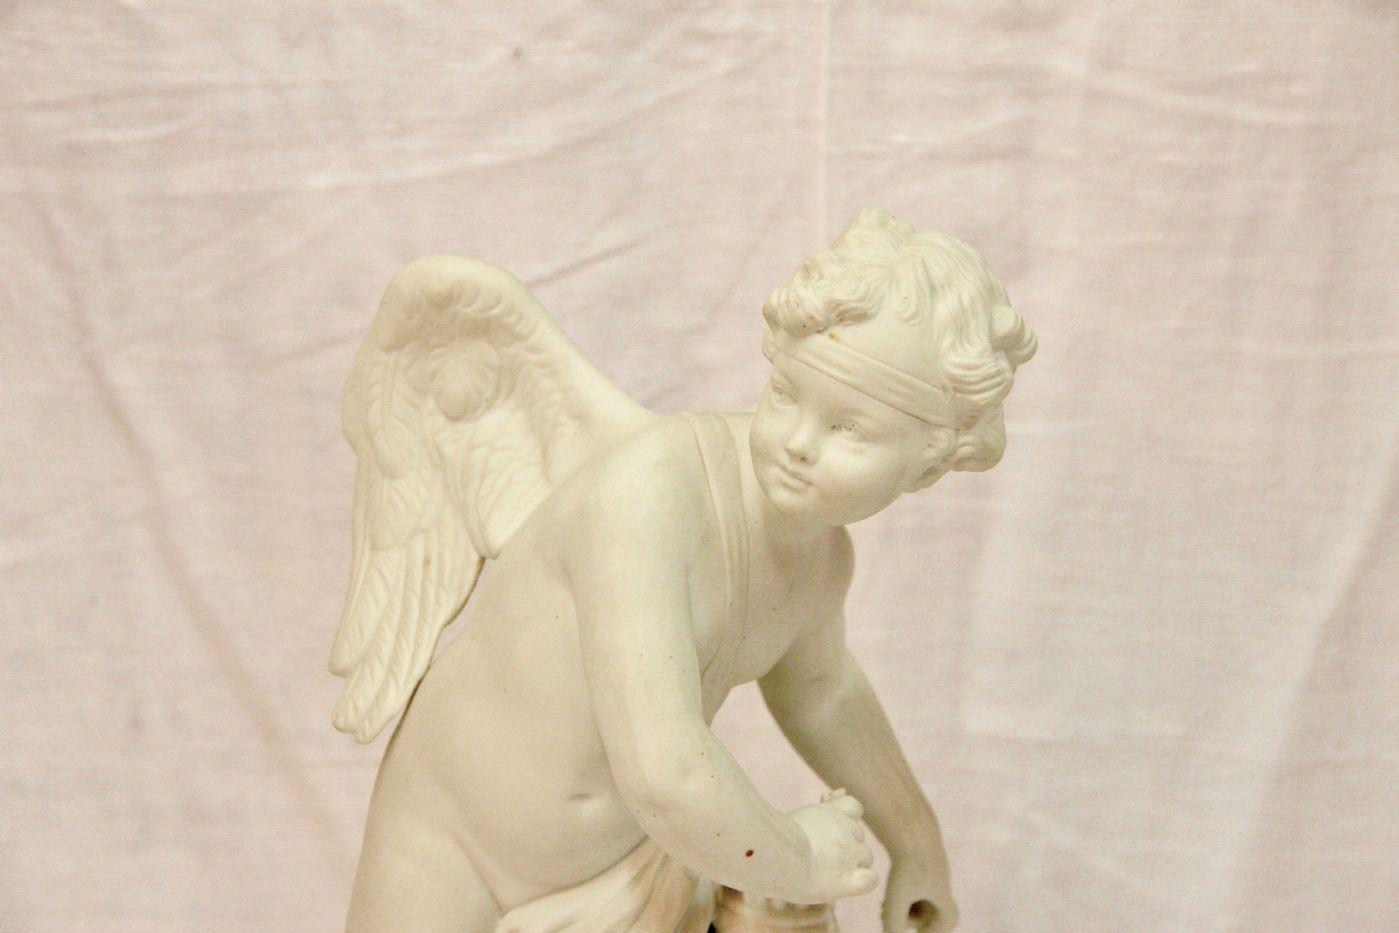 thumb2|Biscotto con Cupido, fine XIX° / inizio XX°